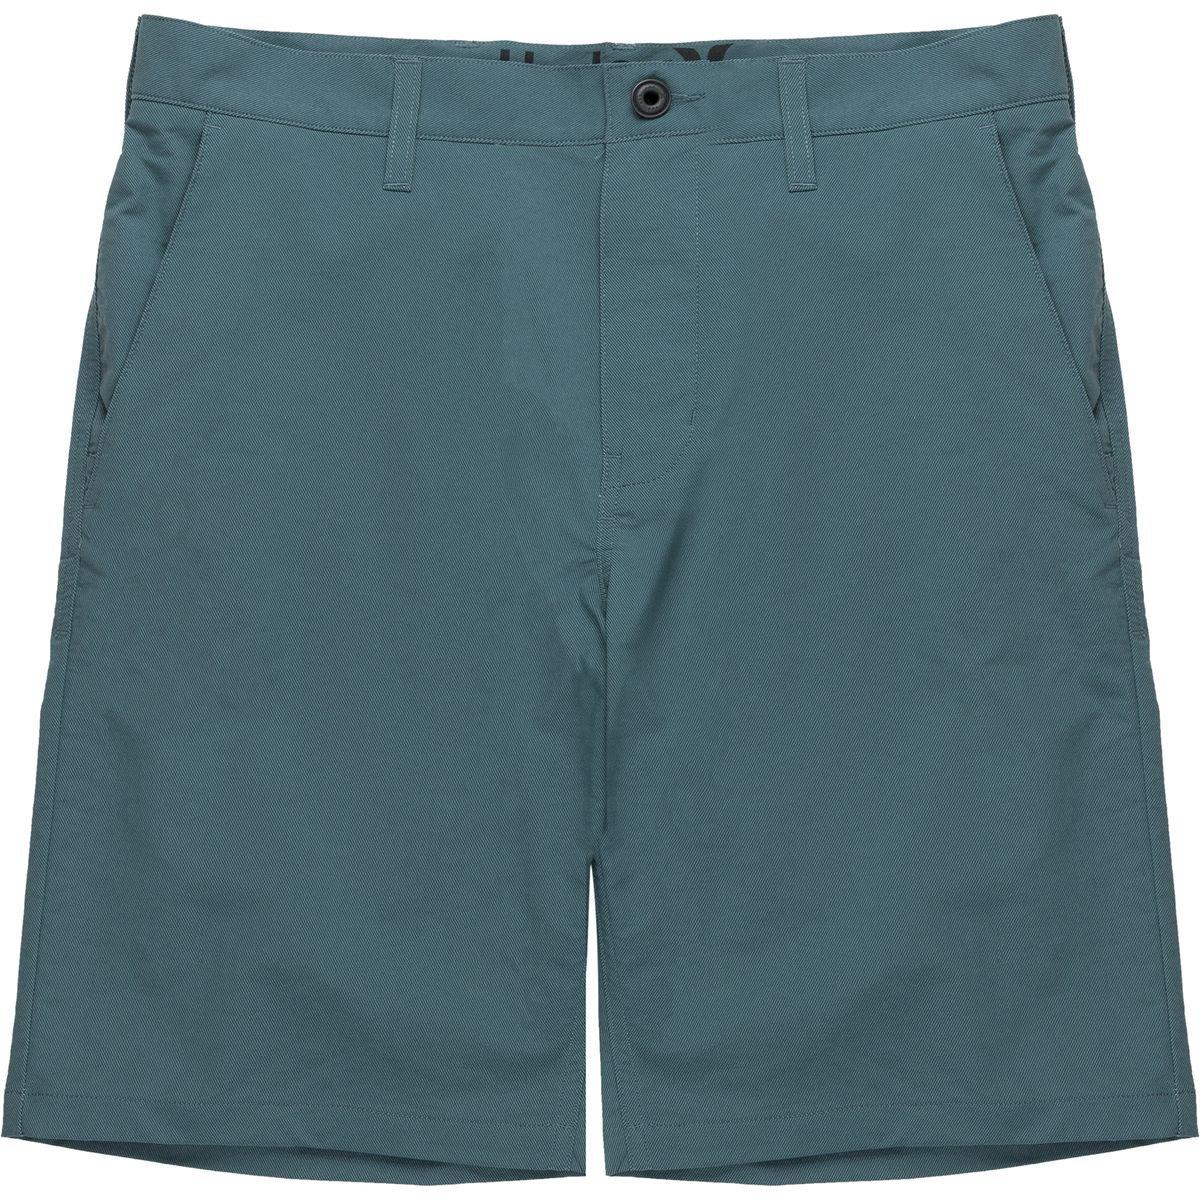 Hurley  Men's Dri-FIT Chino Walkshort Iced Jade Shorts